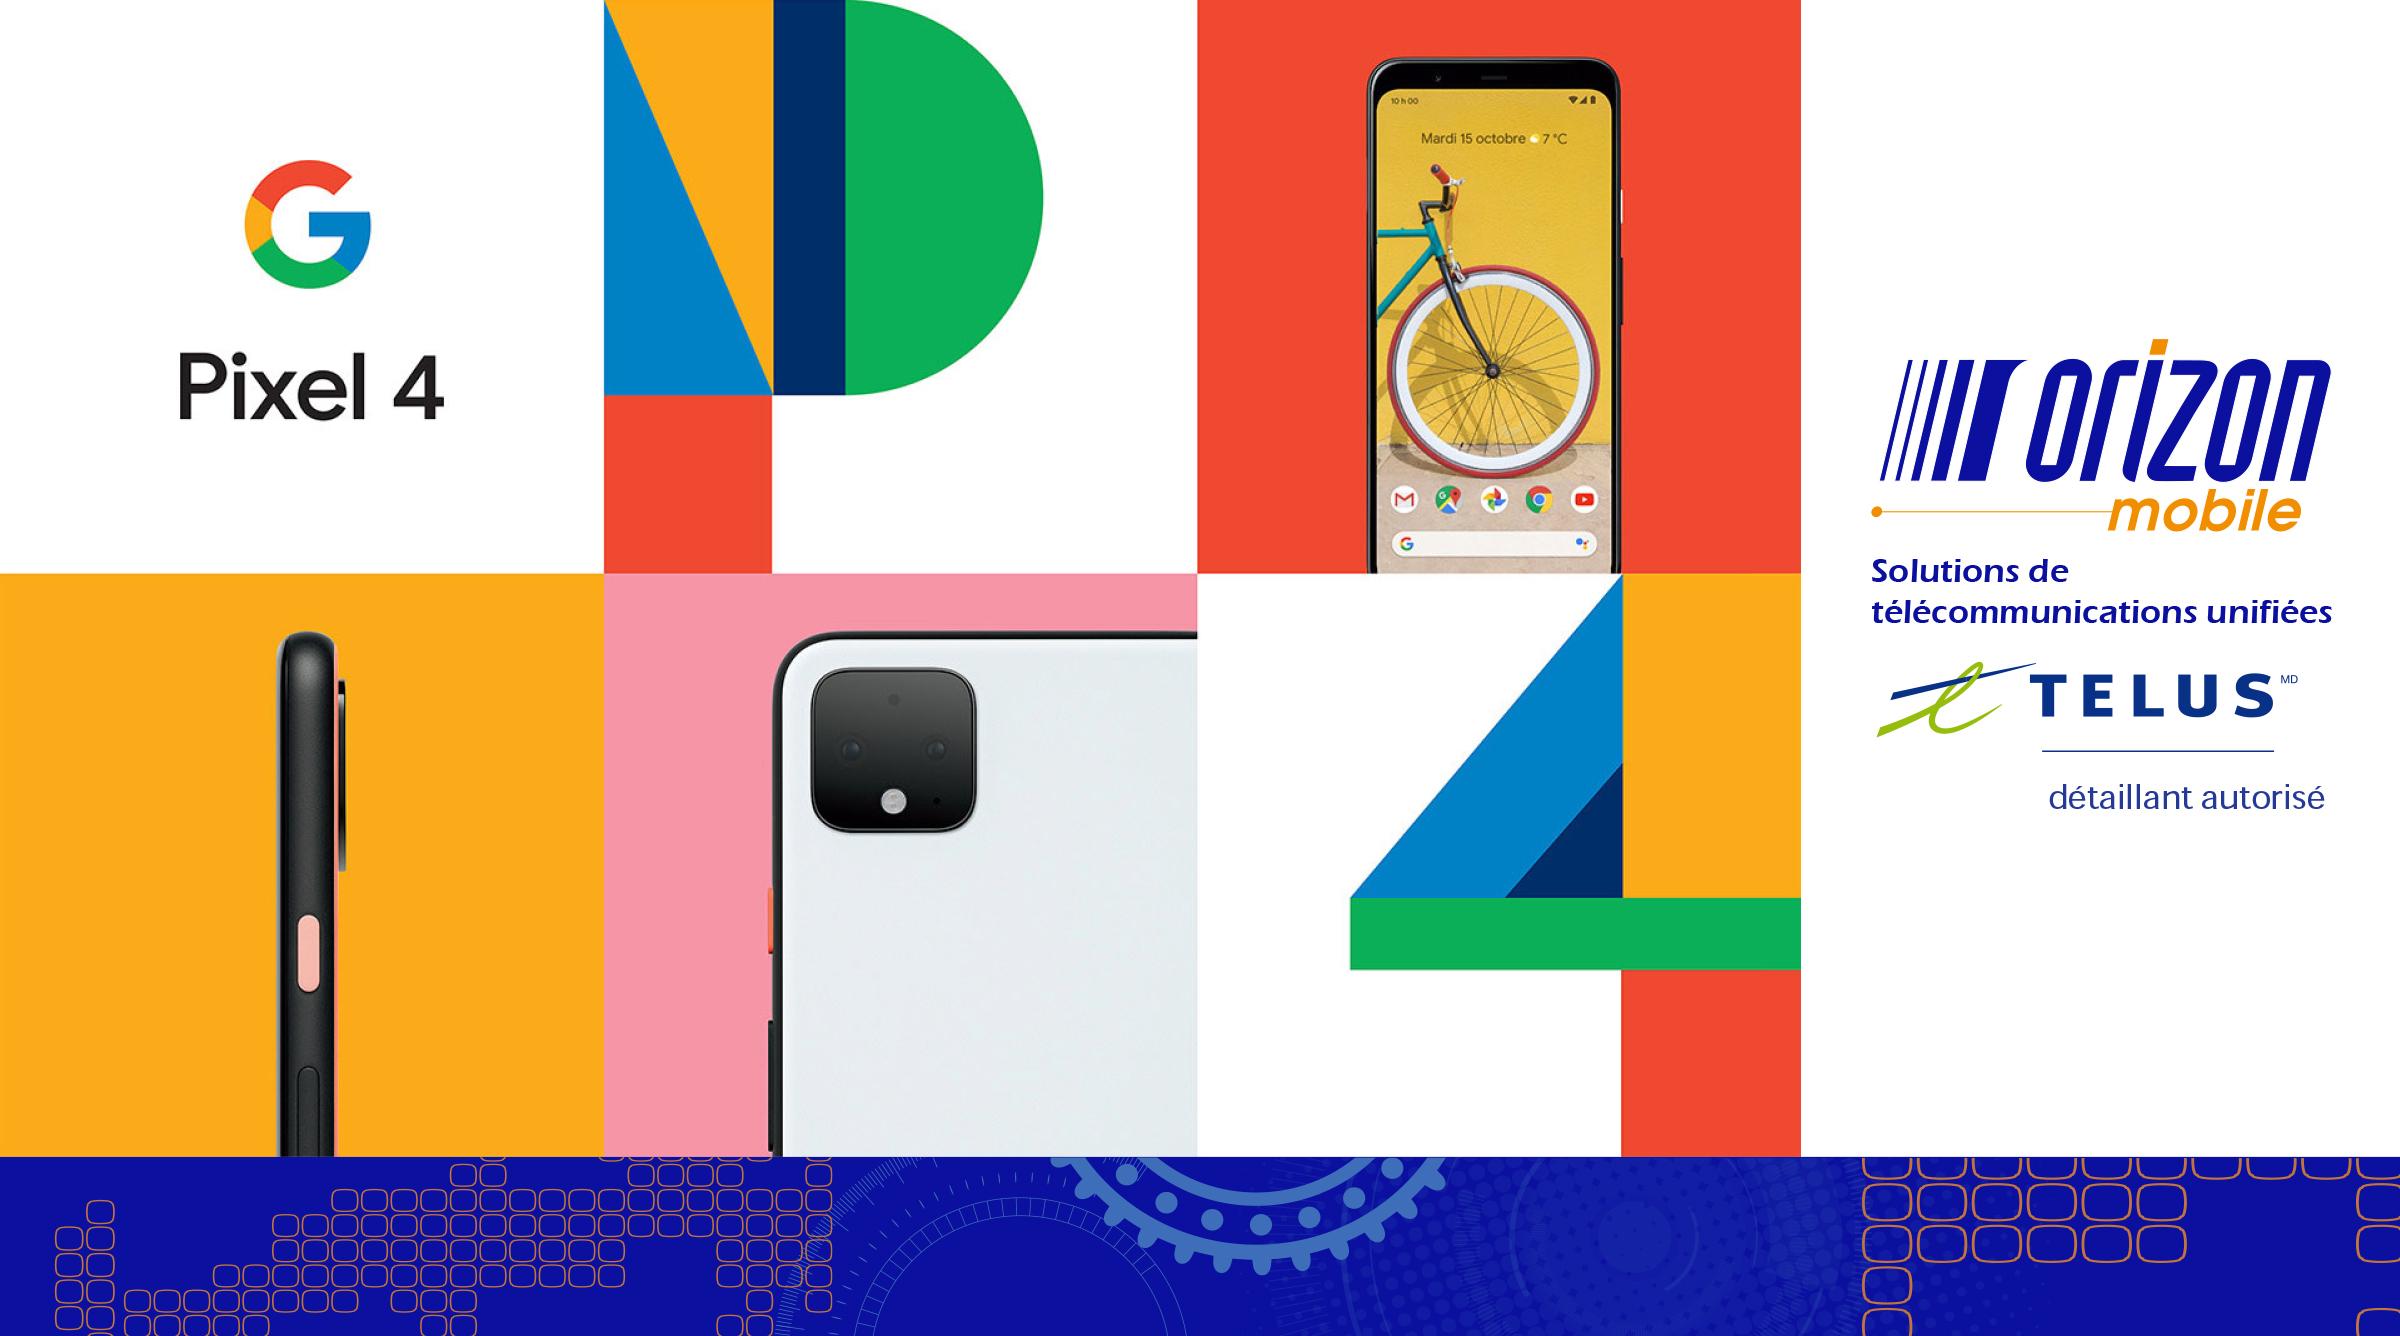 Pixel 4 médias sociaux